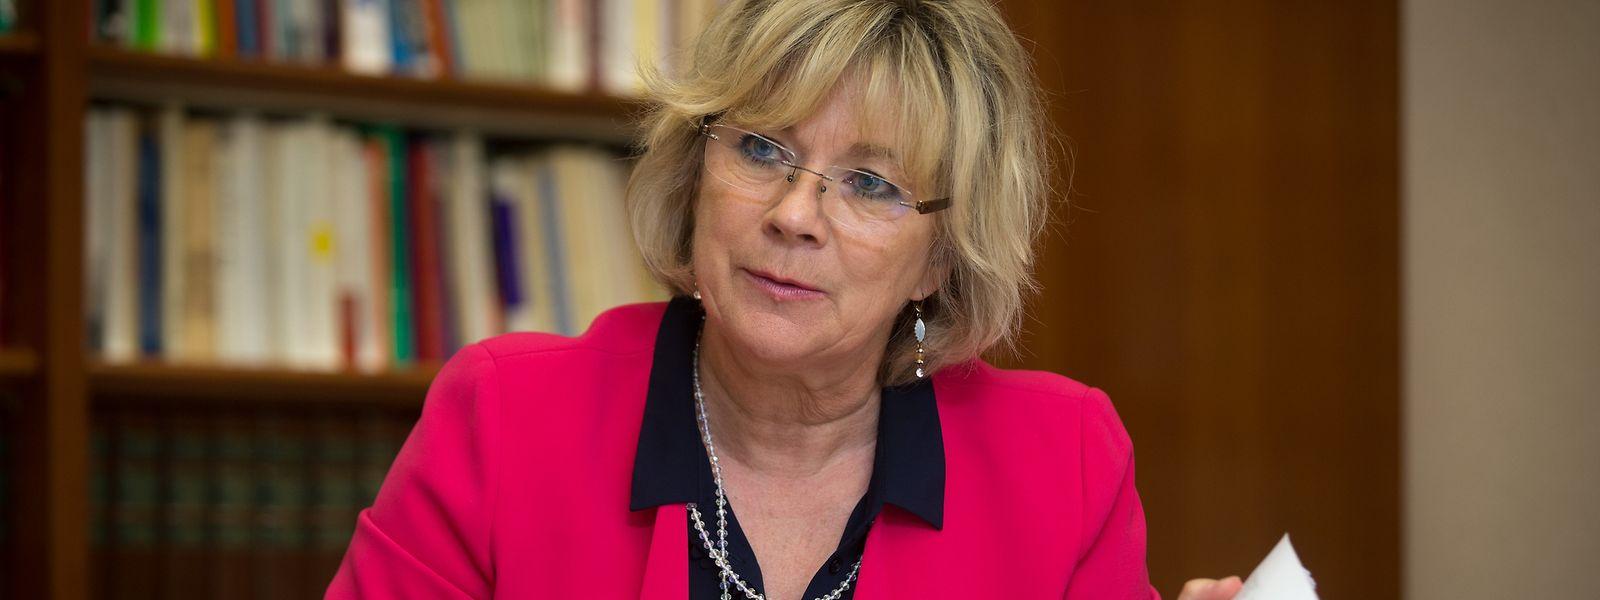 Cécile Hemmen bekleidete das Amt des Bürgermeisters seit 2011.